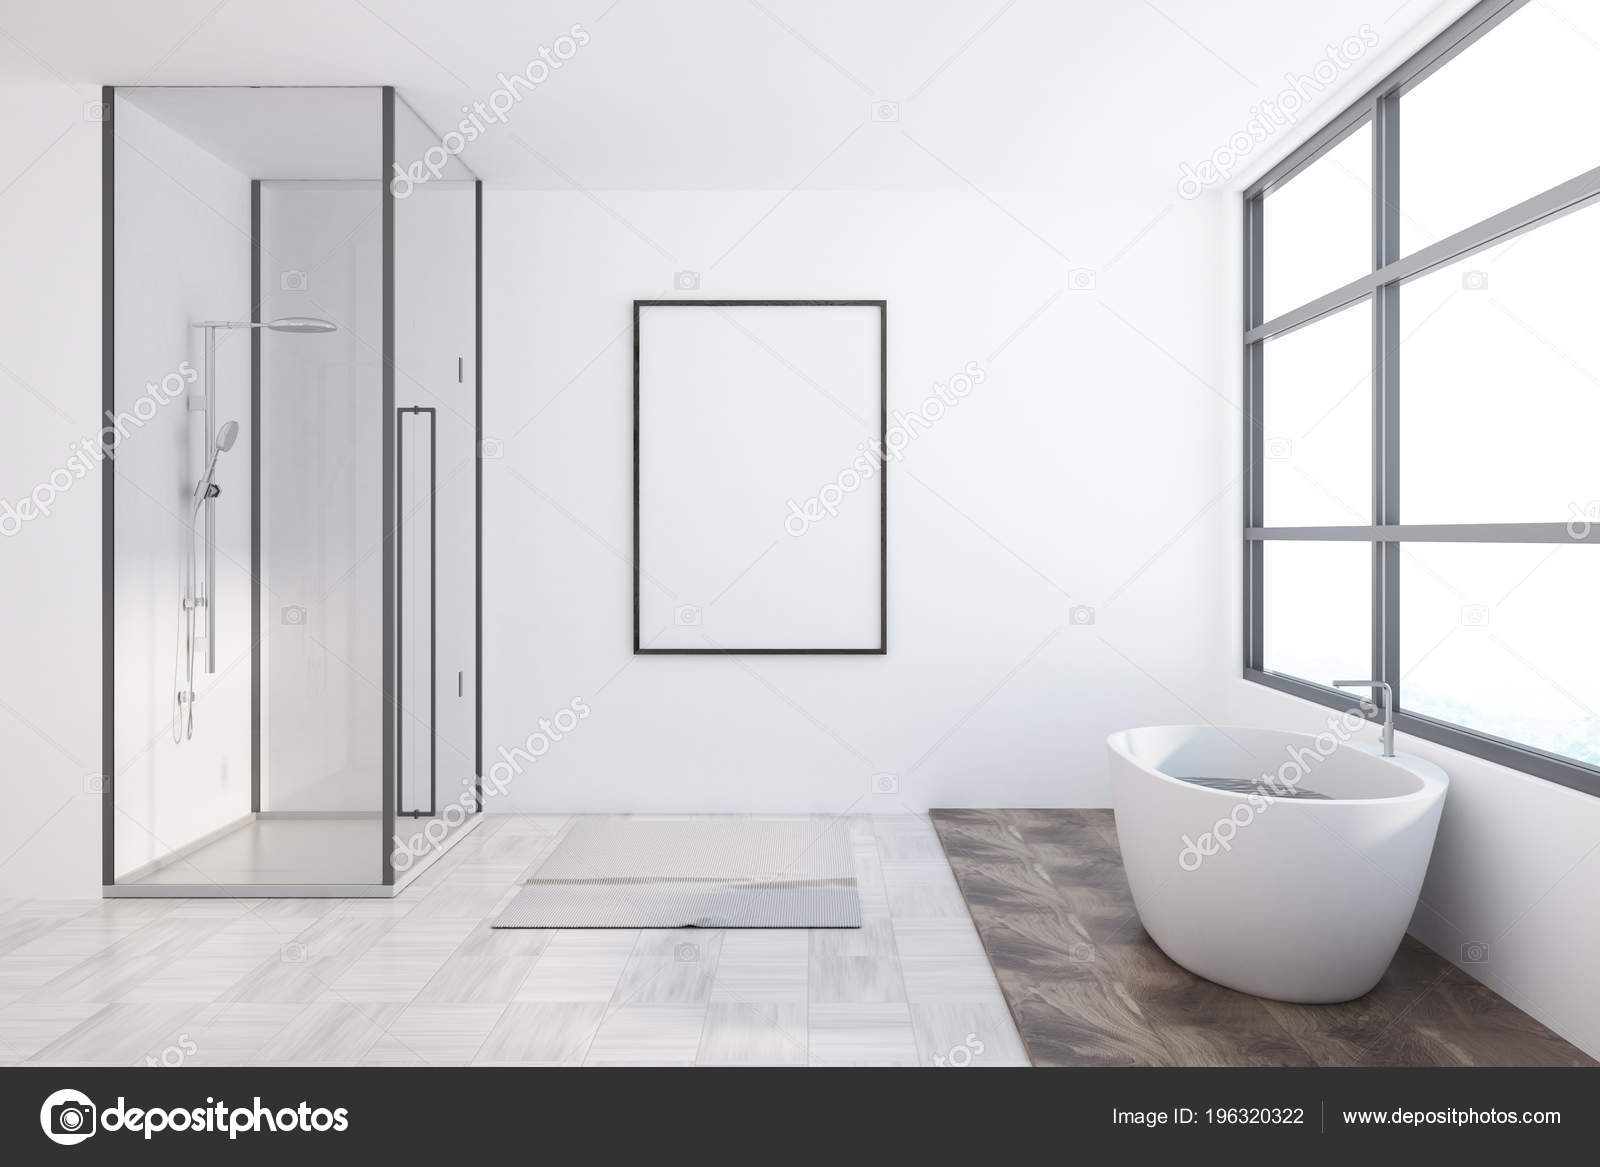 Asiatischen Stil Badezimmer Interieur Mit Einem Weißen ...